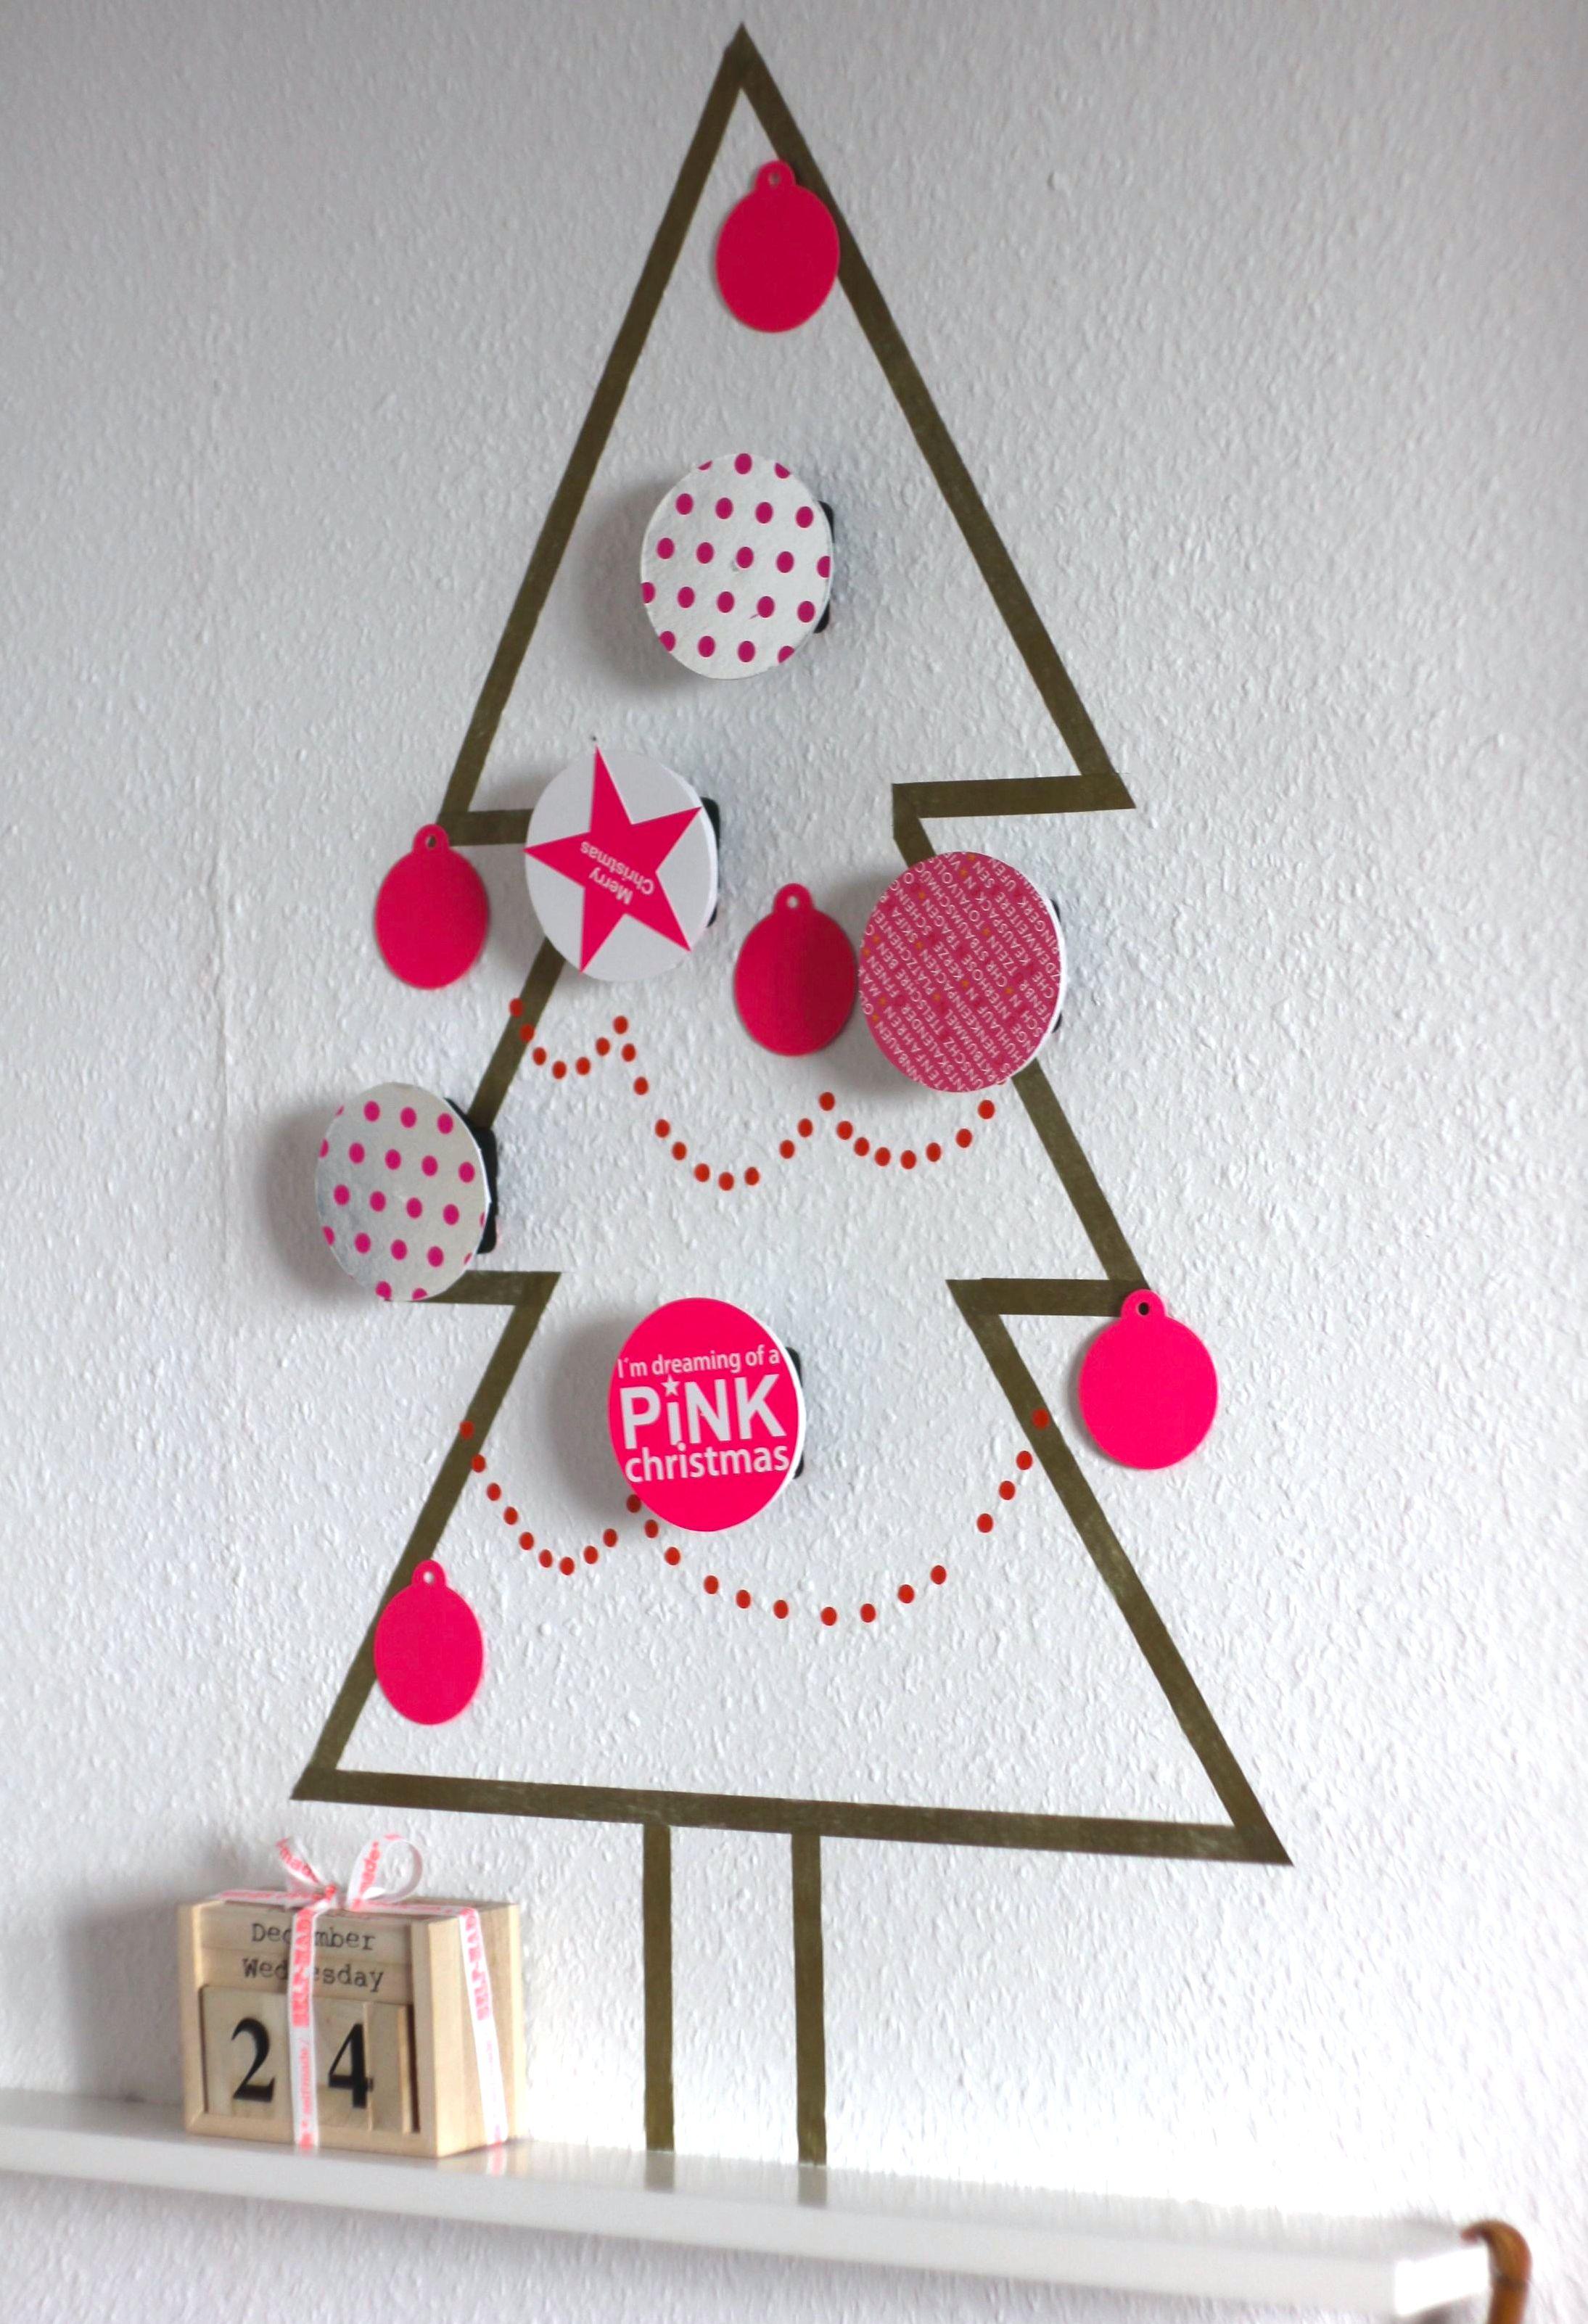 drehender weihnachtsbaum weit